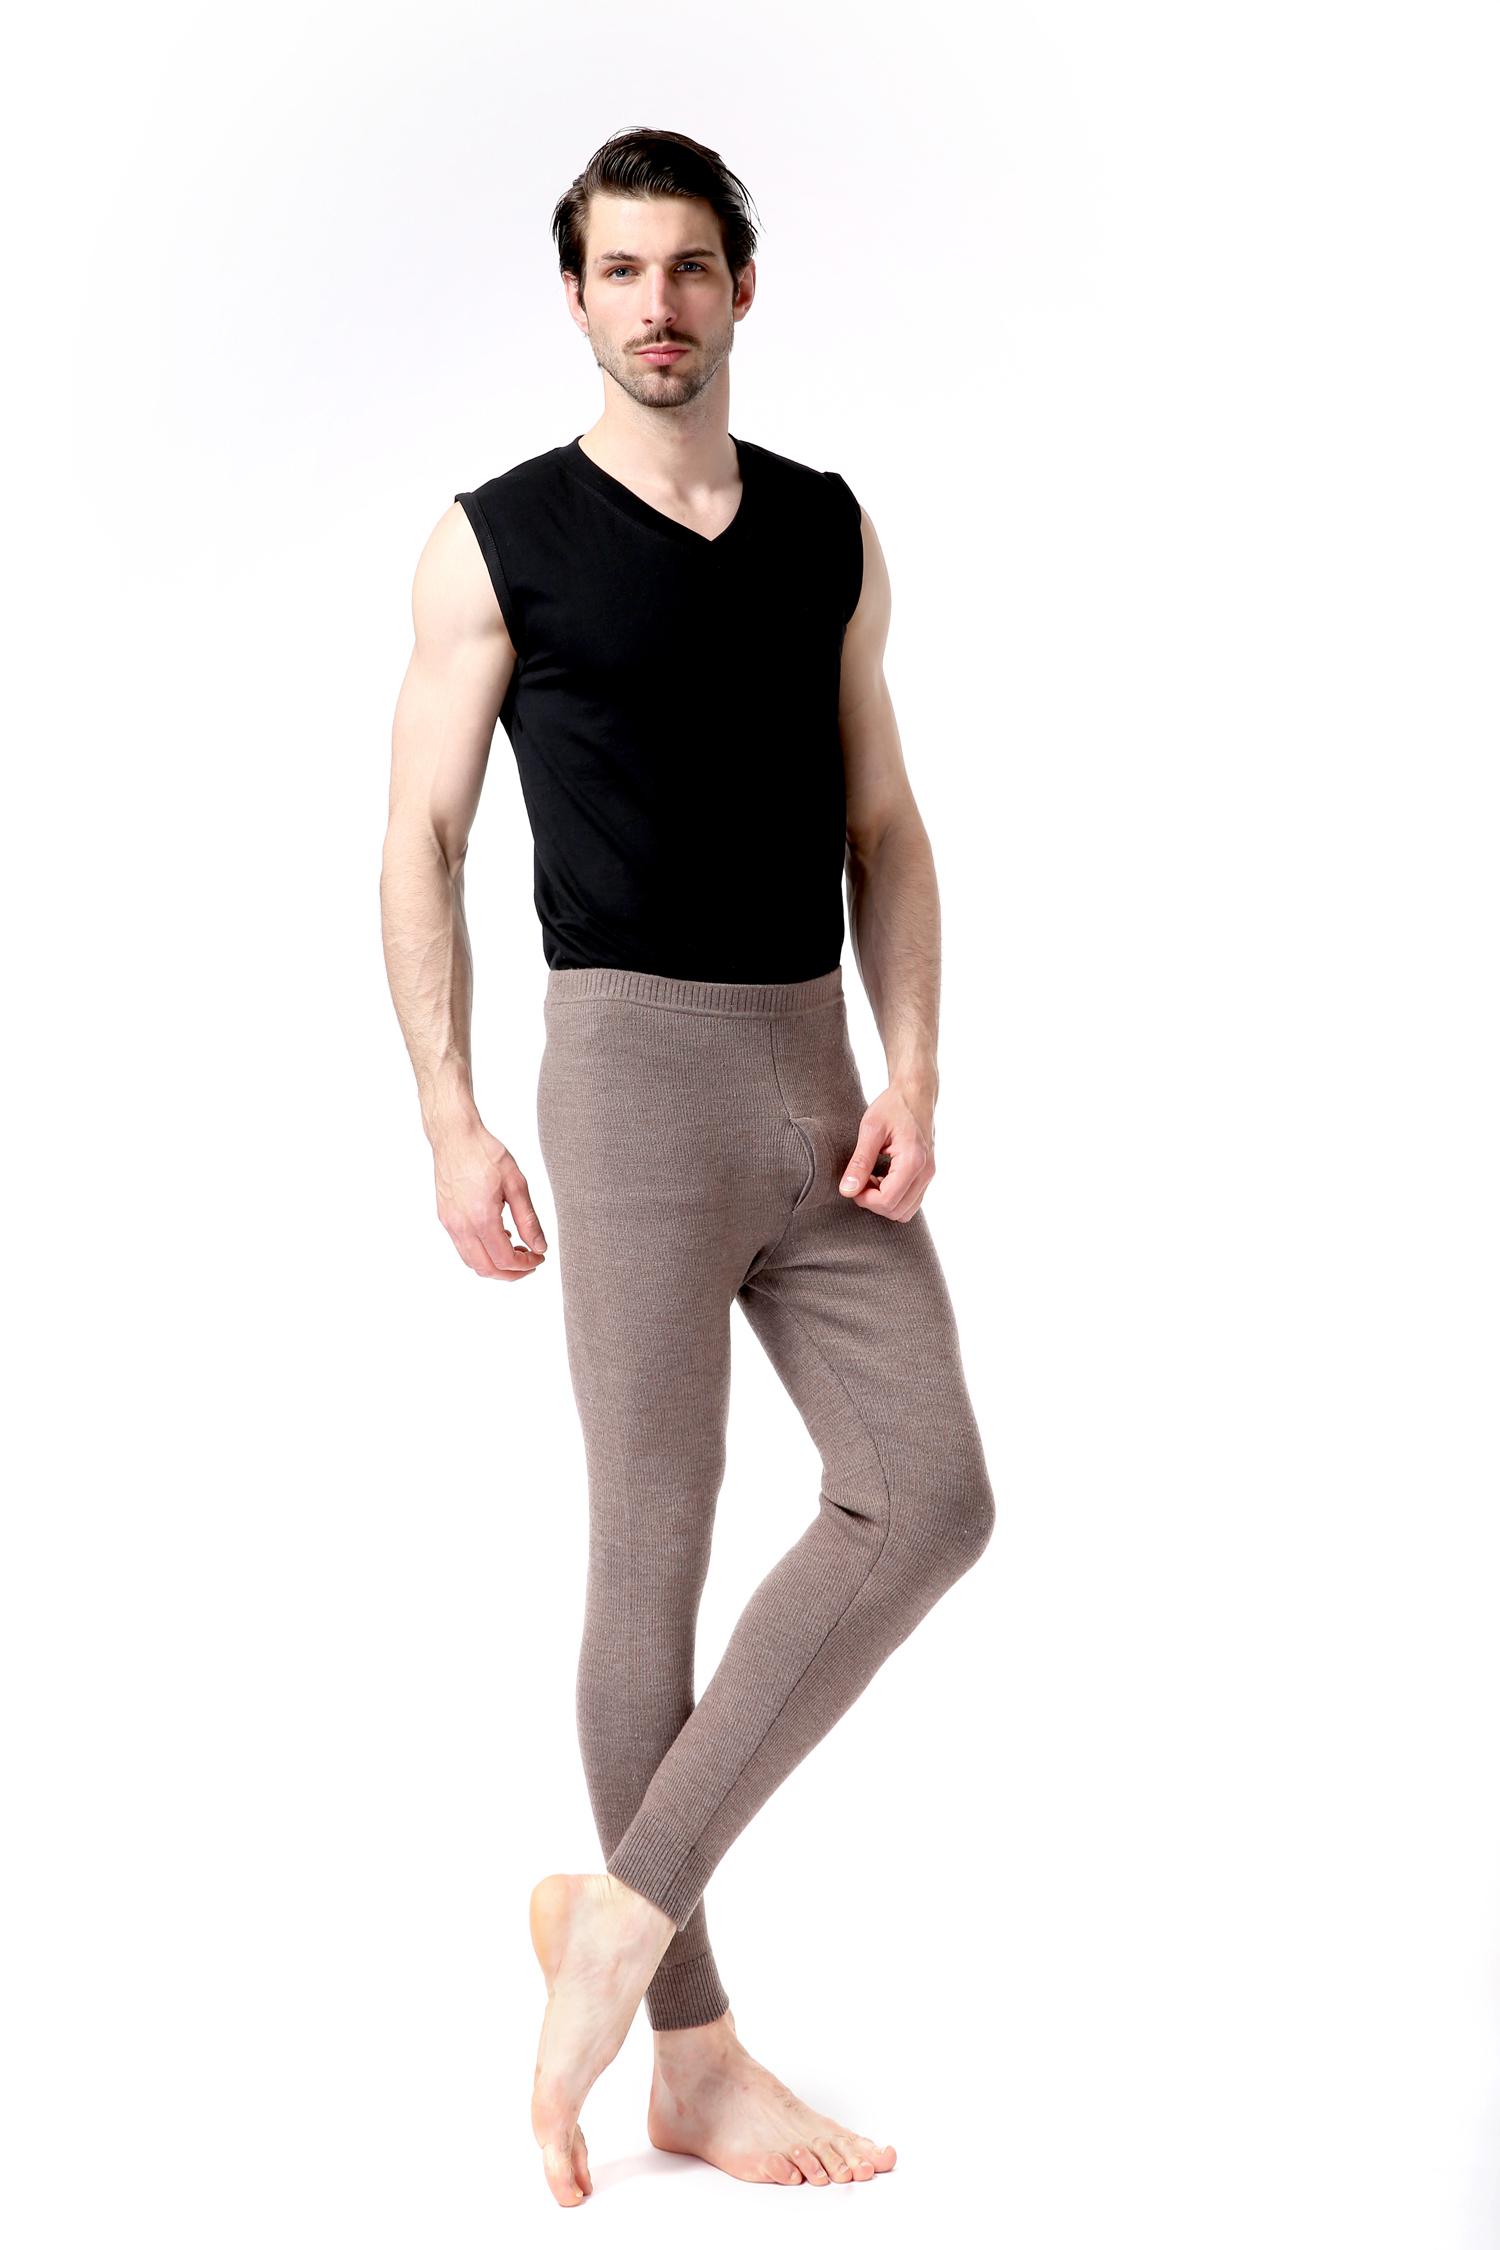 中昊绒业供应最超值的都兰诺斯澳毛男抽条裤